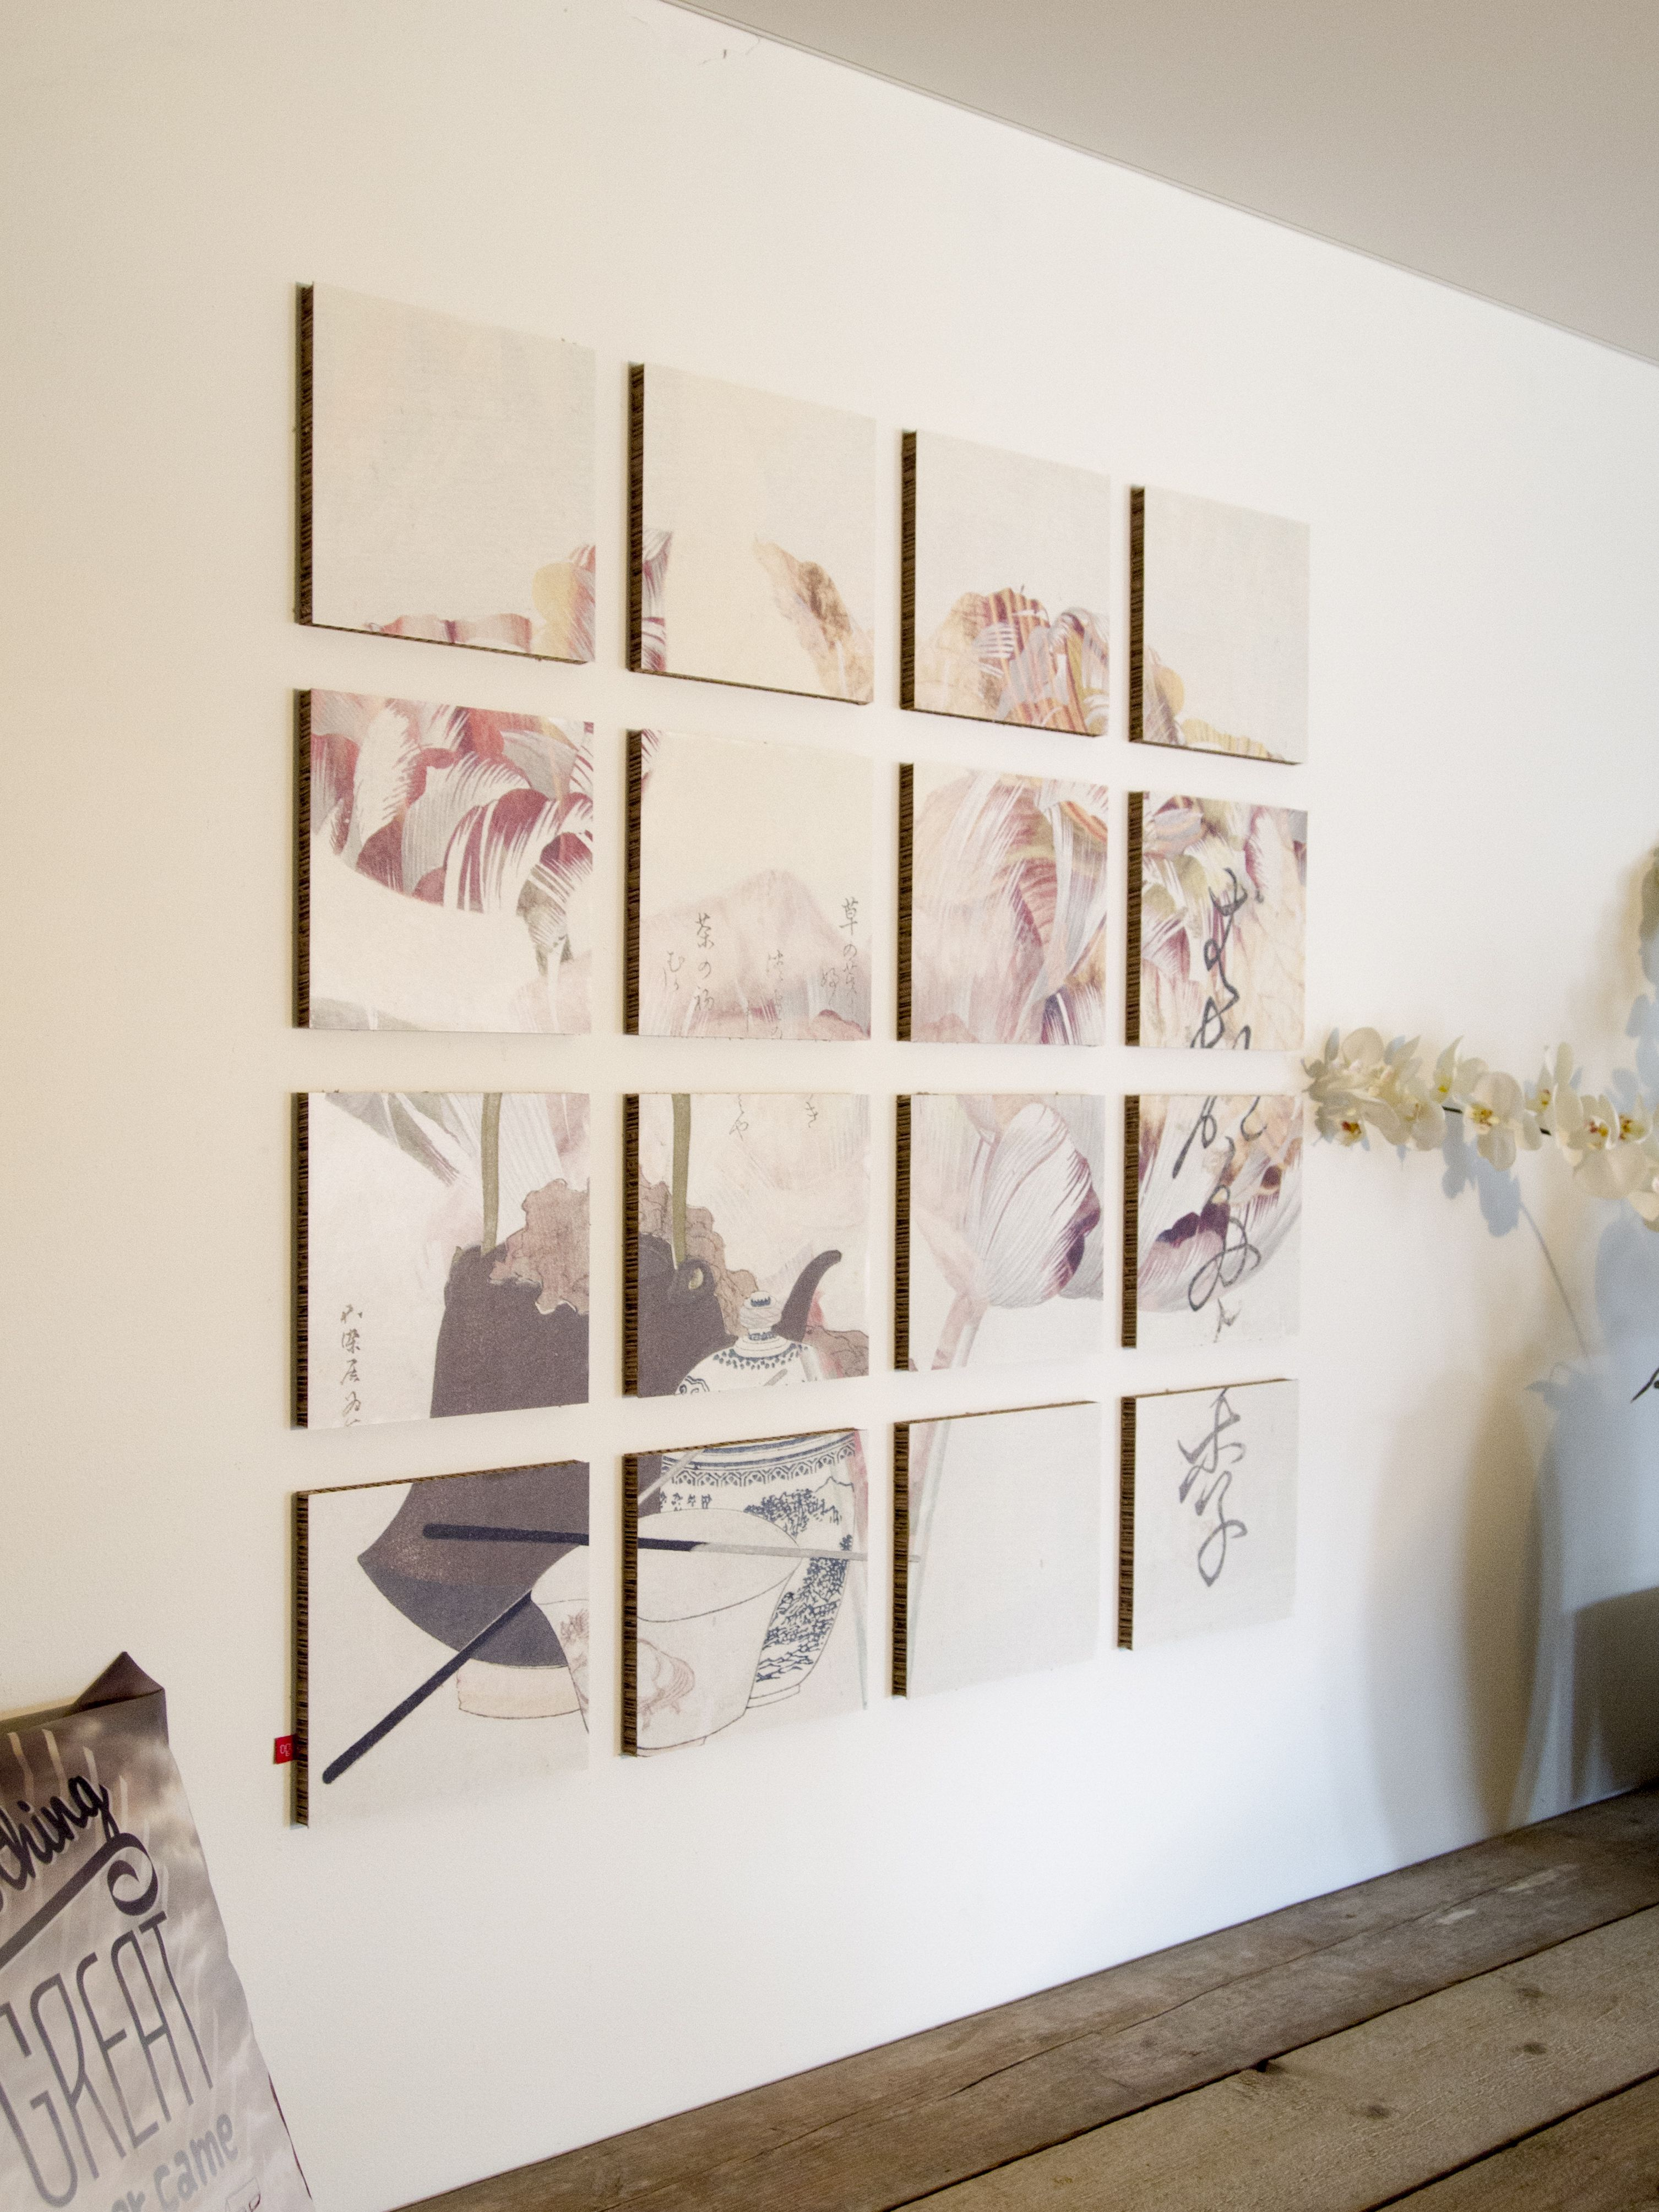 wanddecoratie slaapkamer - Google zoeken - Slaapkamer | Pinterest ...